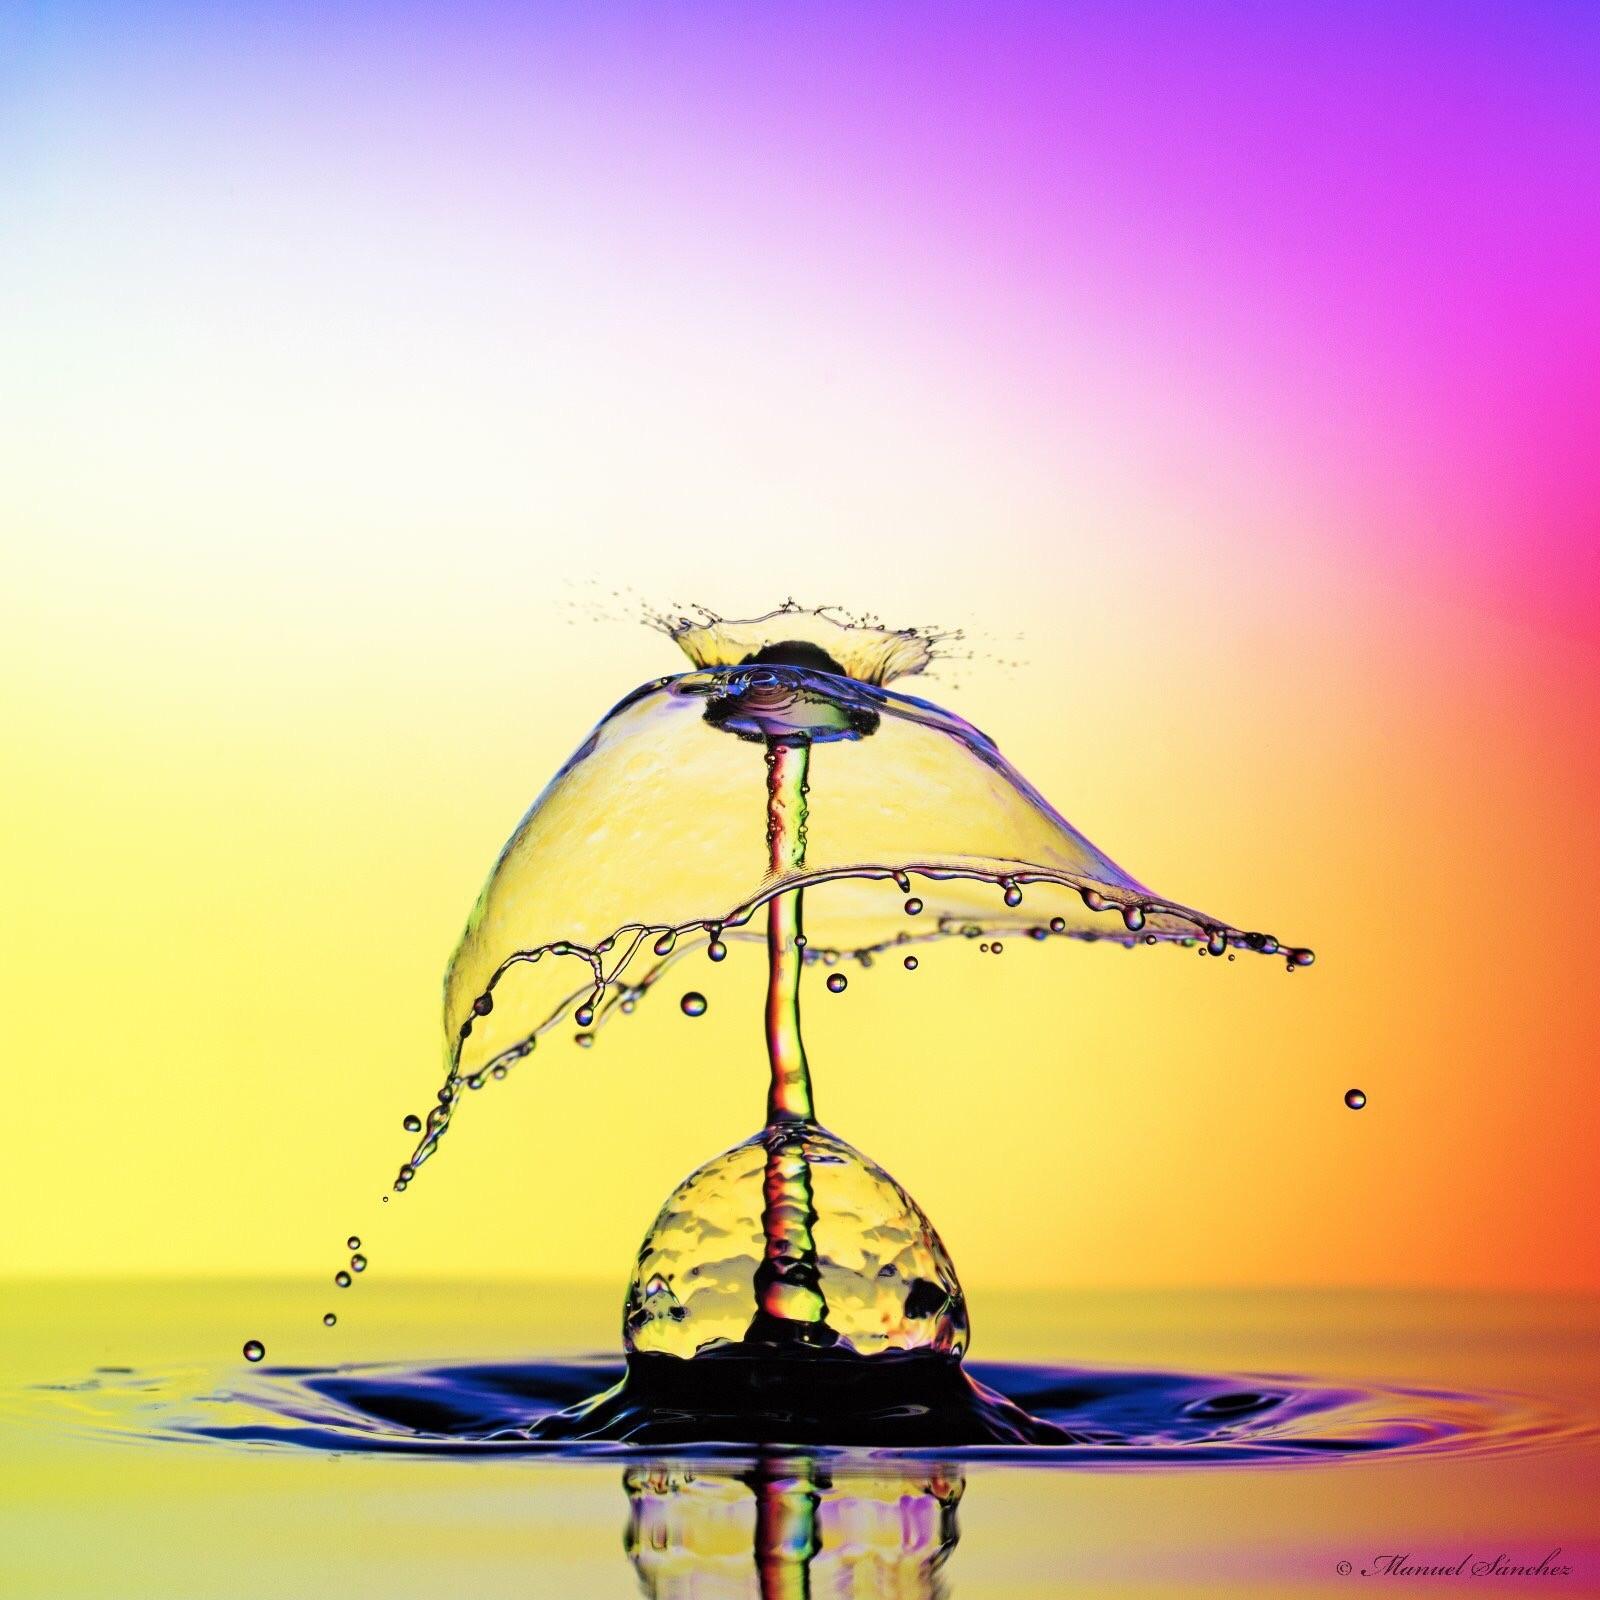 photographie haute vitesse d'une goutte d'eau réalisée par Manuel Sanchez